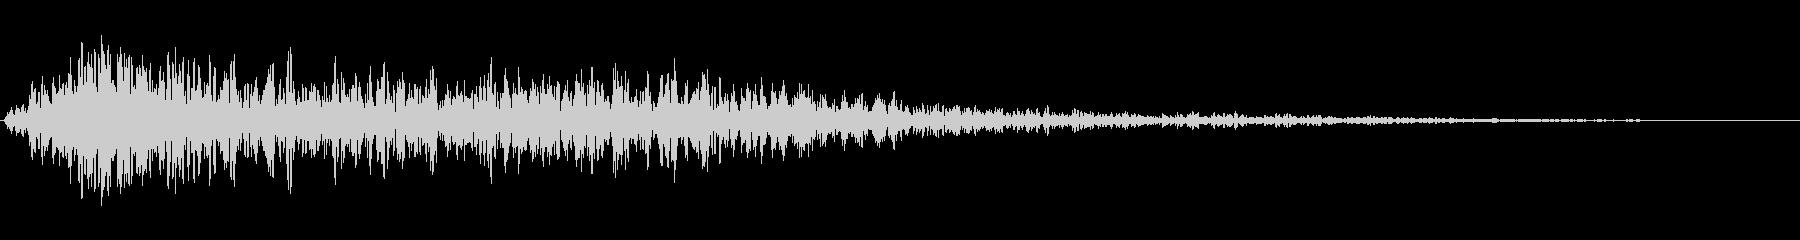 炎の音01の未再生の波形